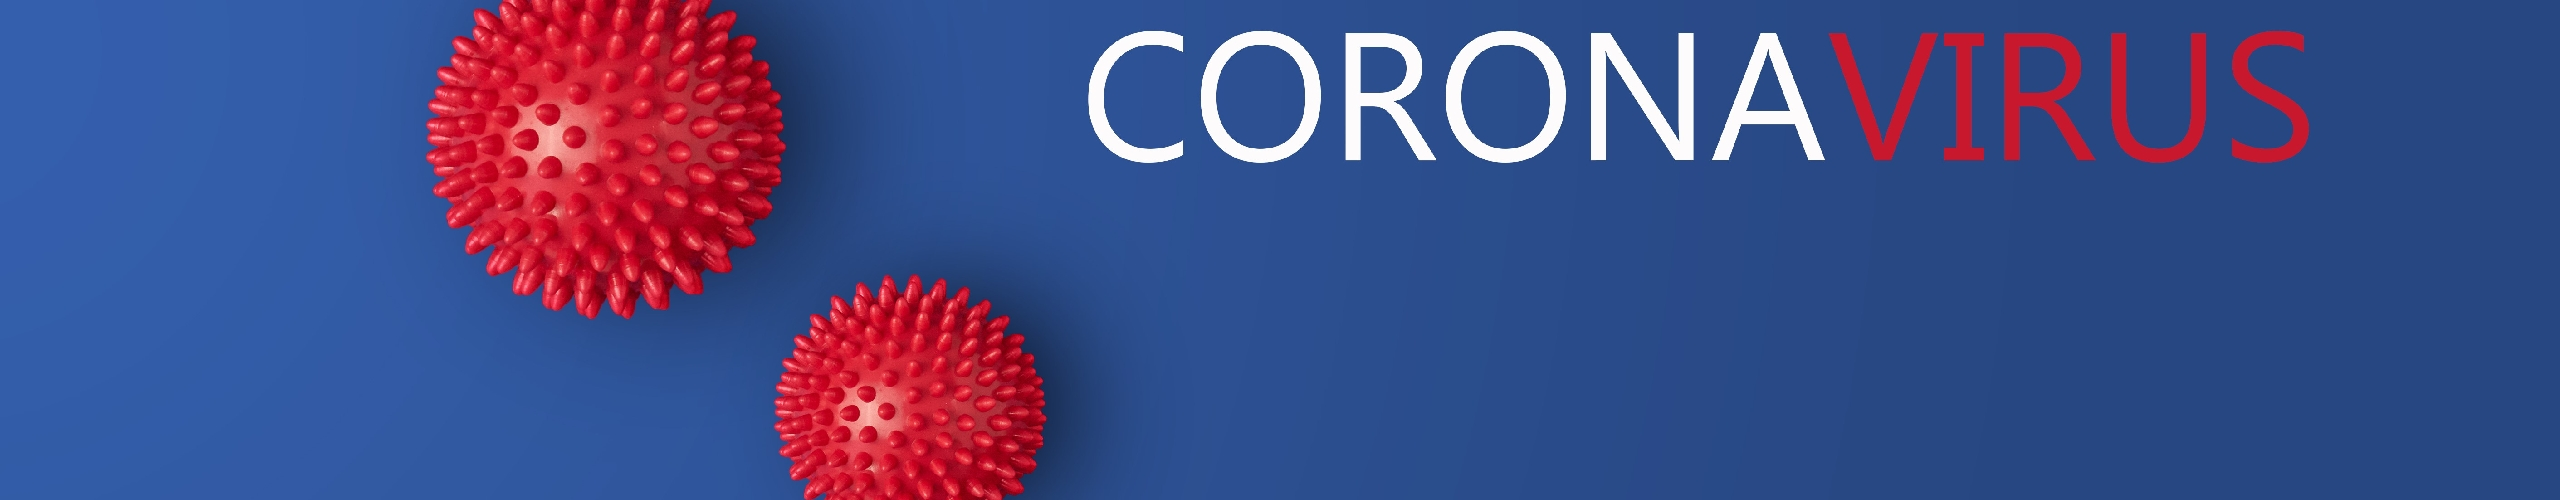 Coronavirus (COVID-19) - Information and Updates